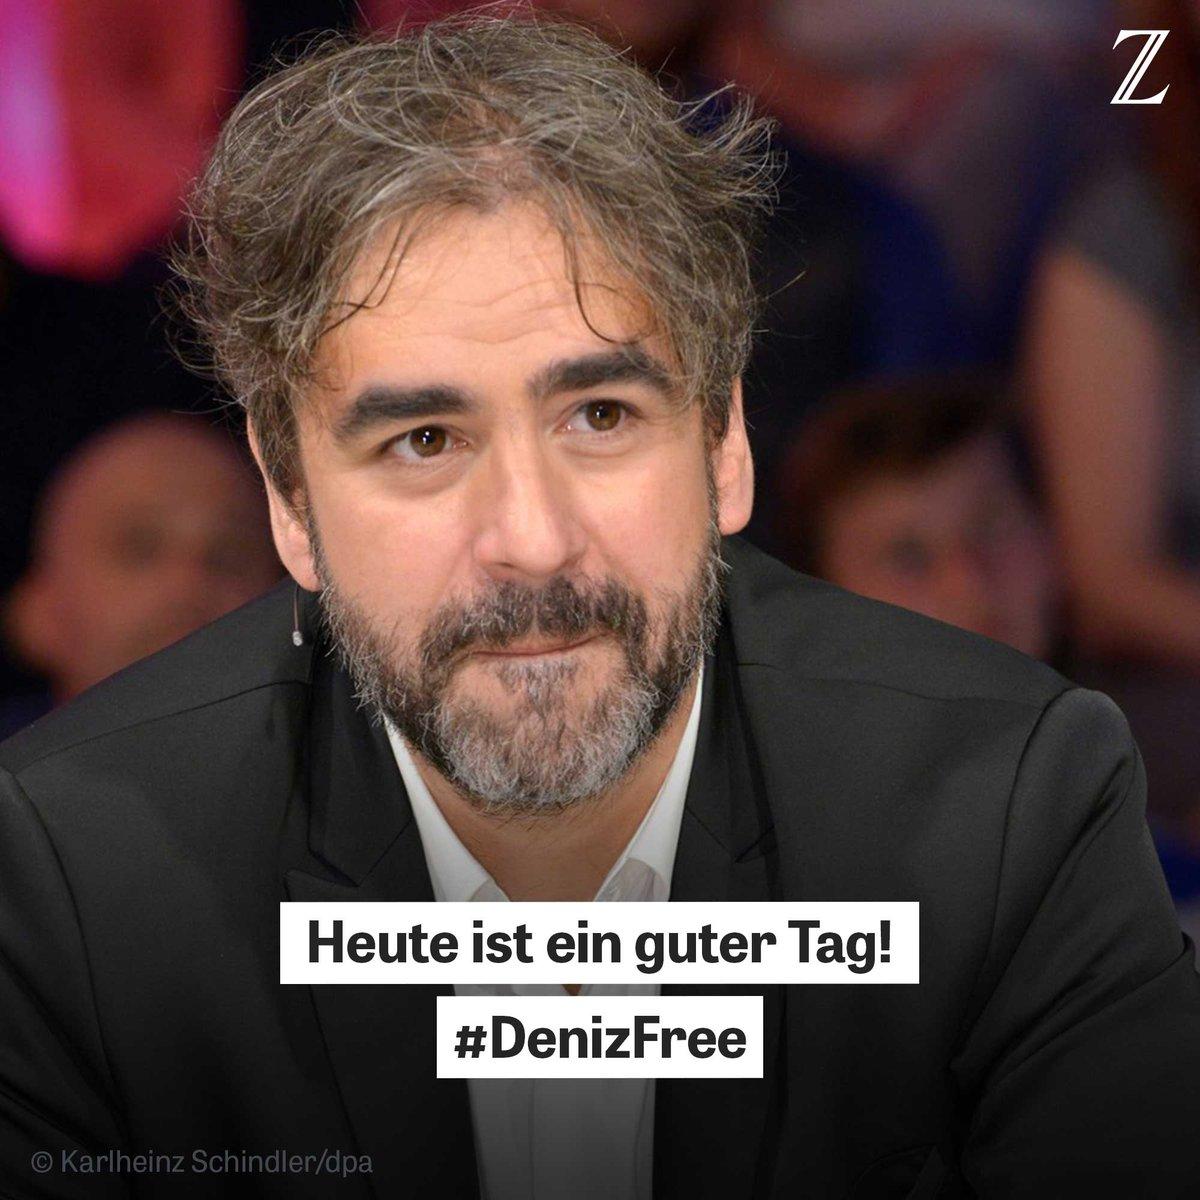 Gute Nachrichten aus der Türkei: #DenizYücel ist frei. https://t.co/k1EU9VLQce #DenizFree #FreeDeniz